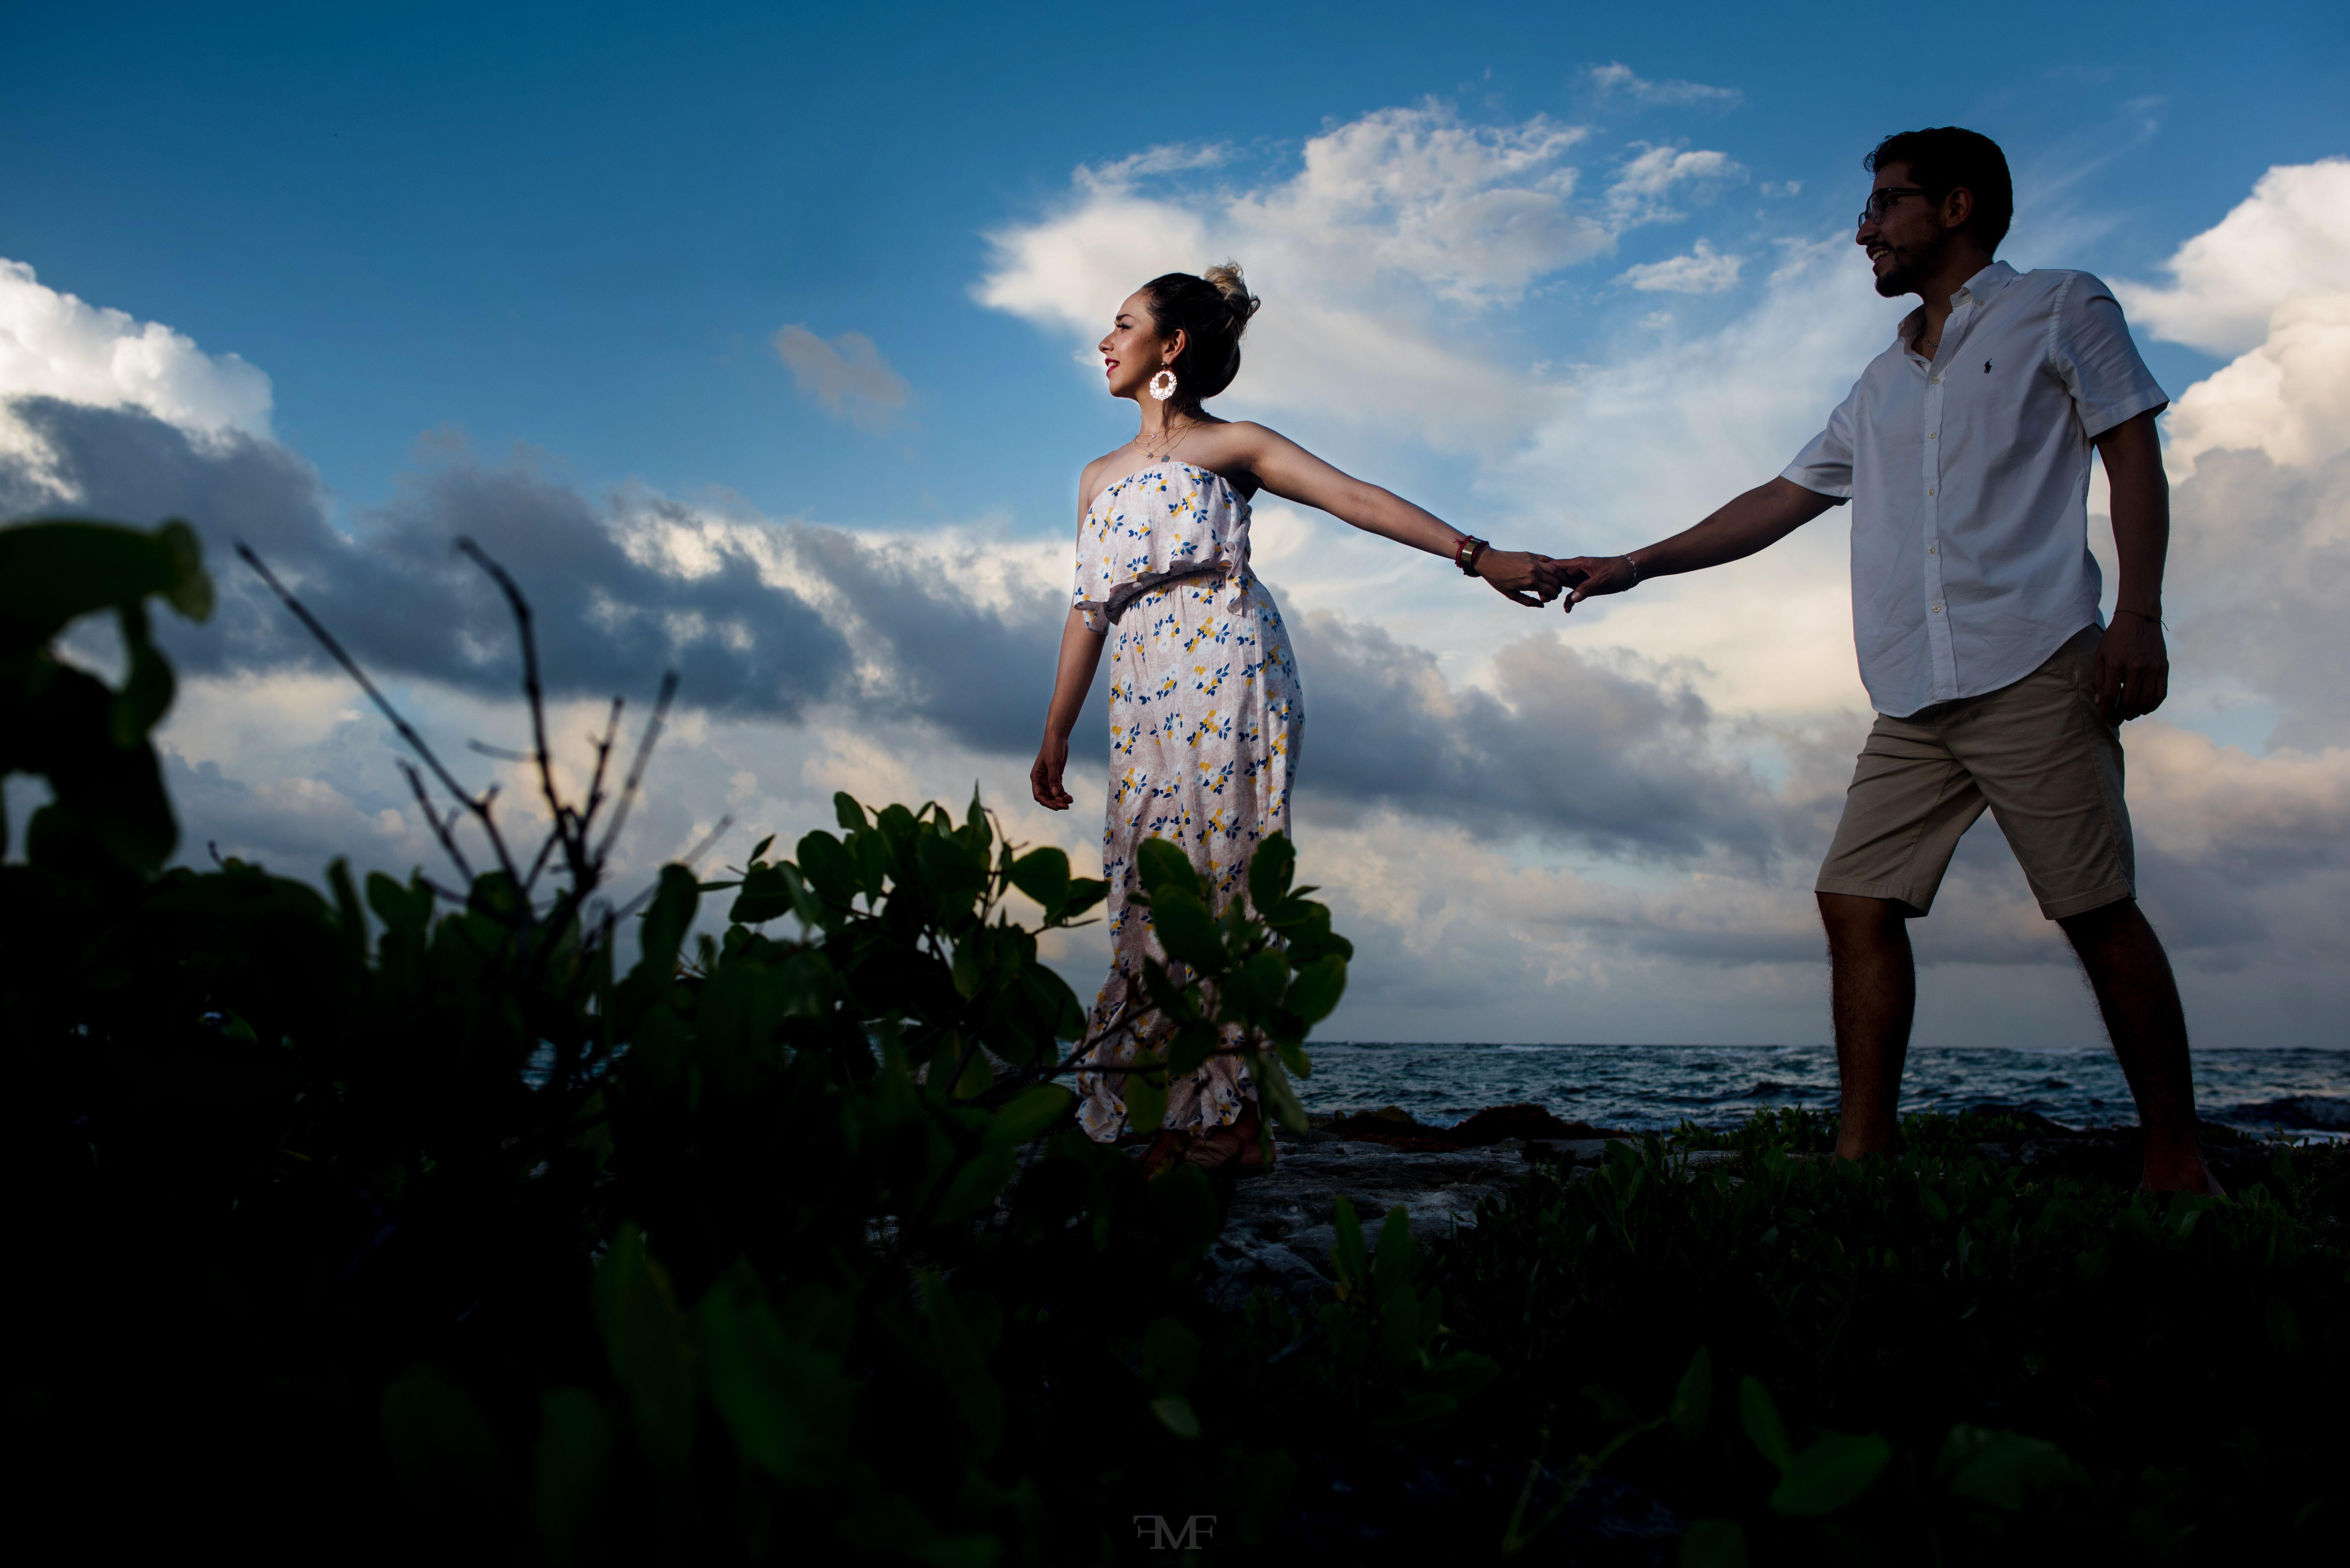 Sesiones deFotografía de pareja en Riviera Maya pareja en Riviera Maya